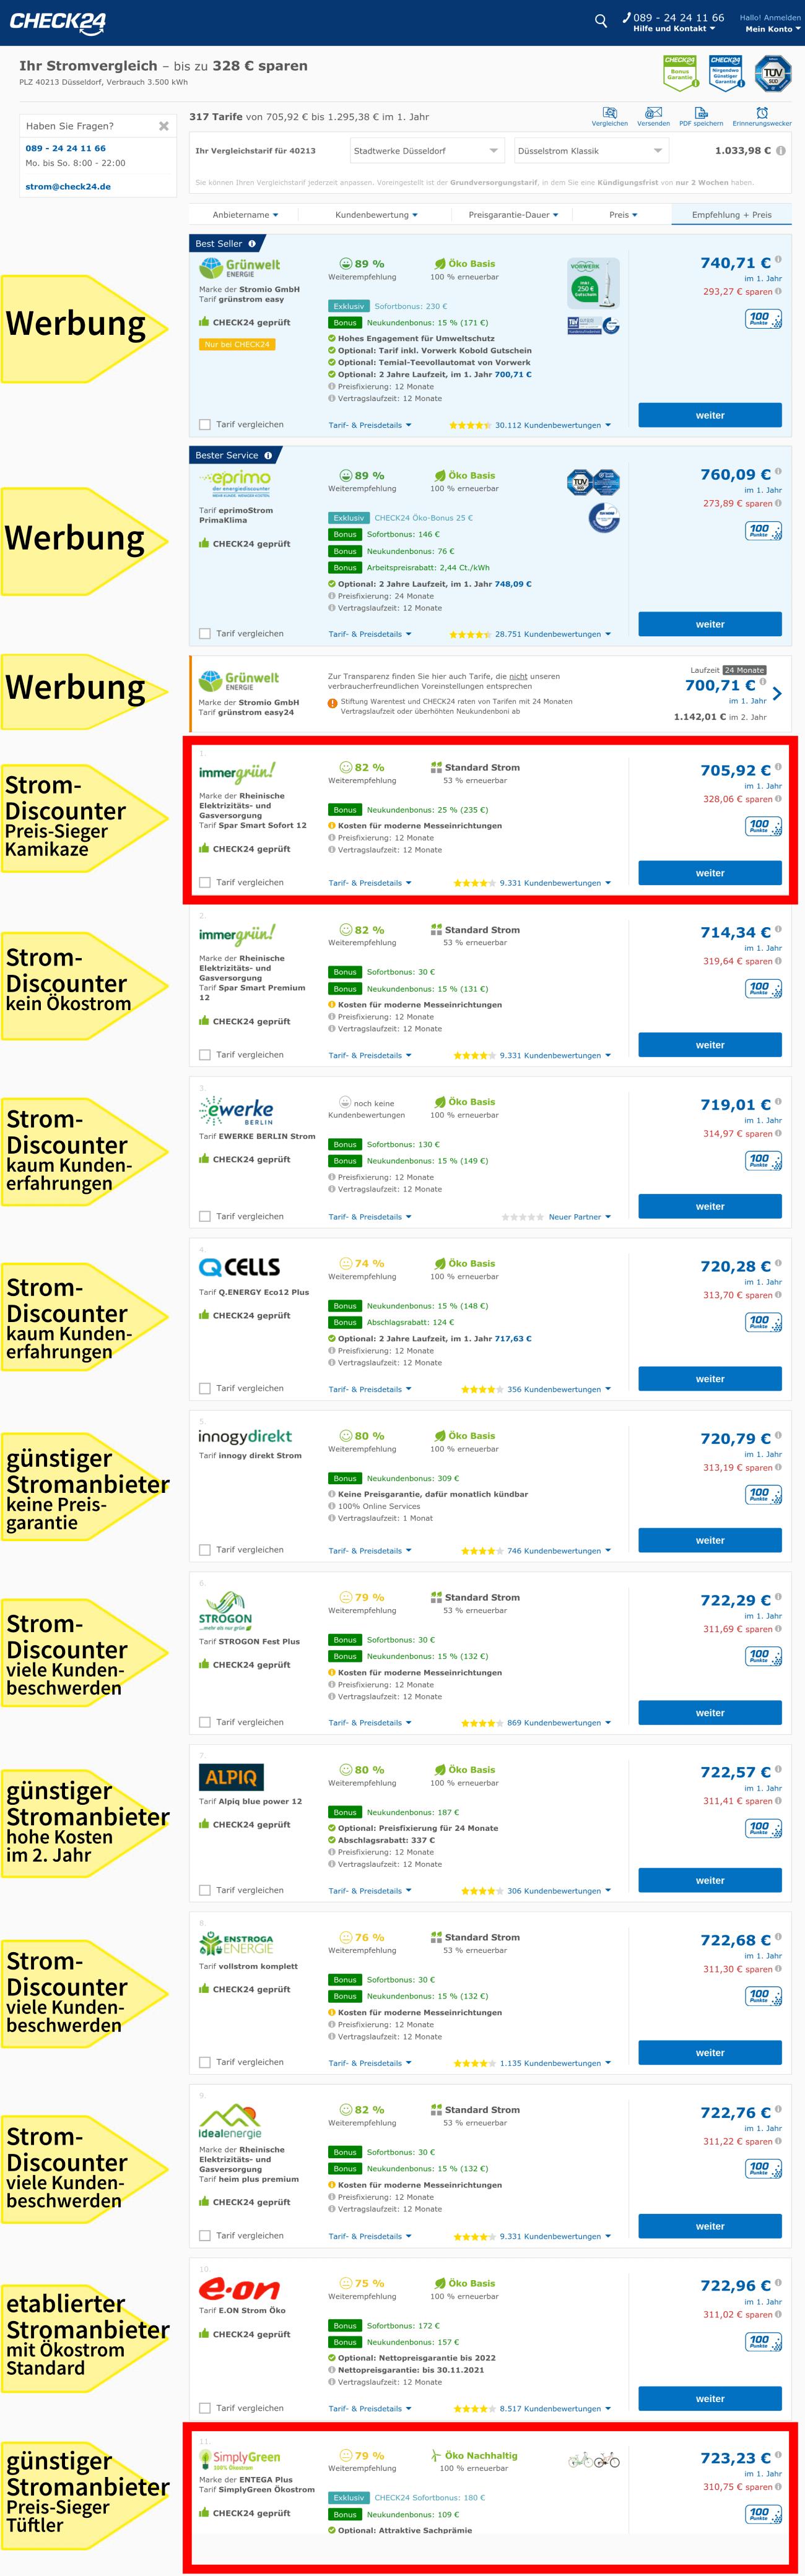 Strompreisvergleich Düsseldorf - günstige Strompreise im Vergleichsportal Check24